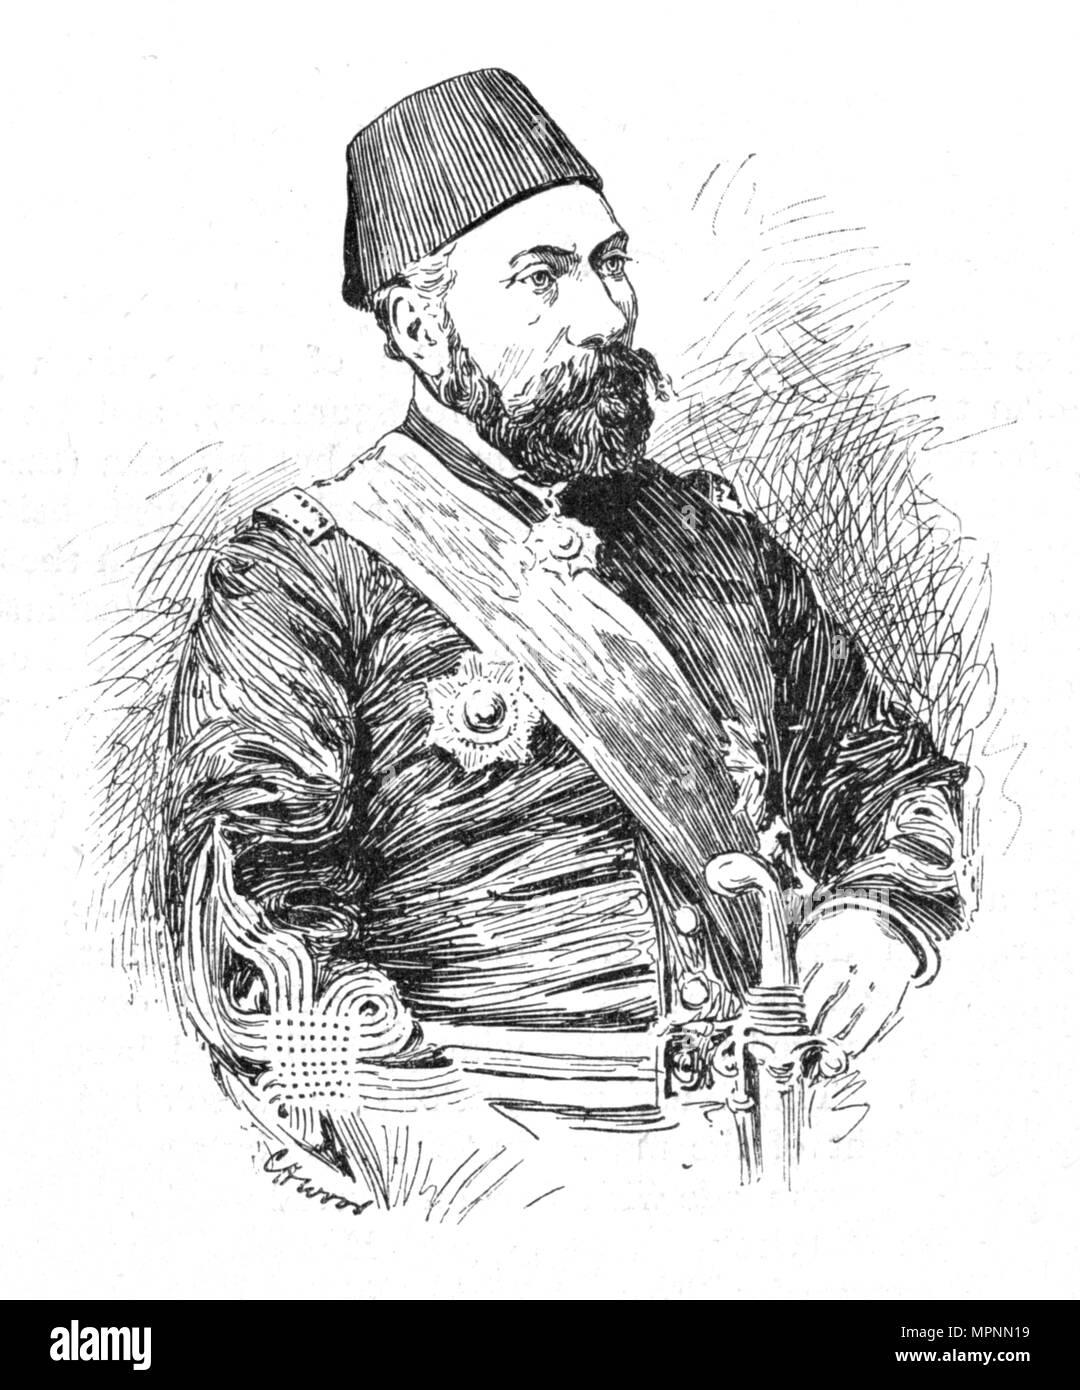 'Osman Pasha', 1902. Artist: Charles Haigh Wood. Stock Photo